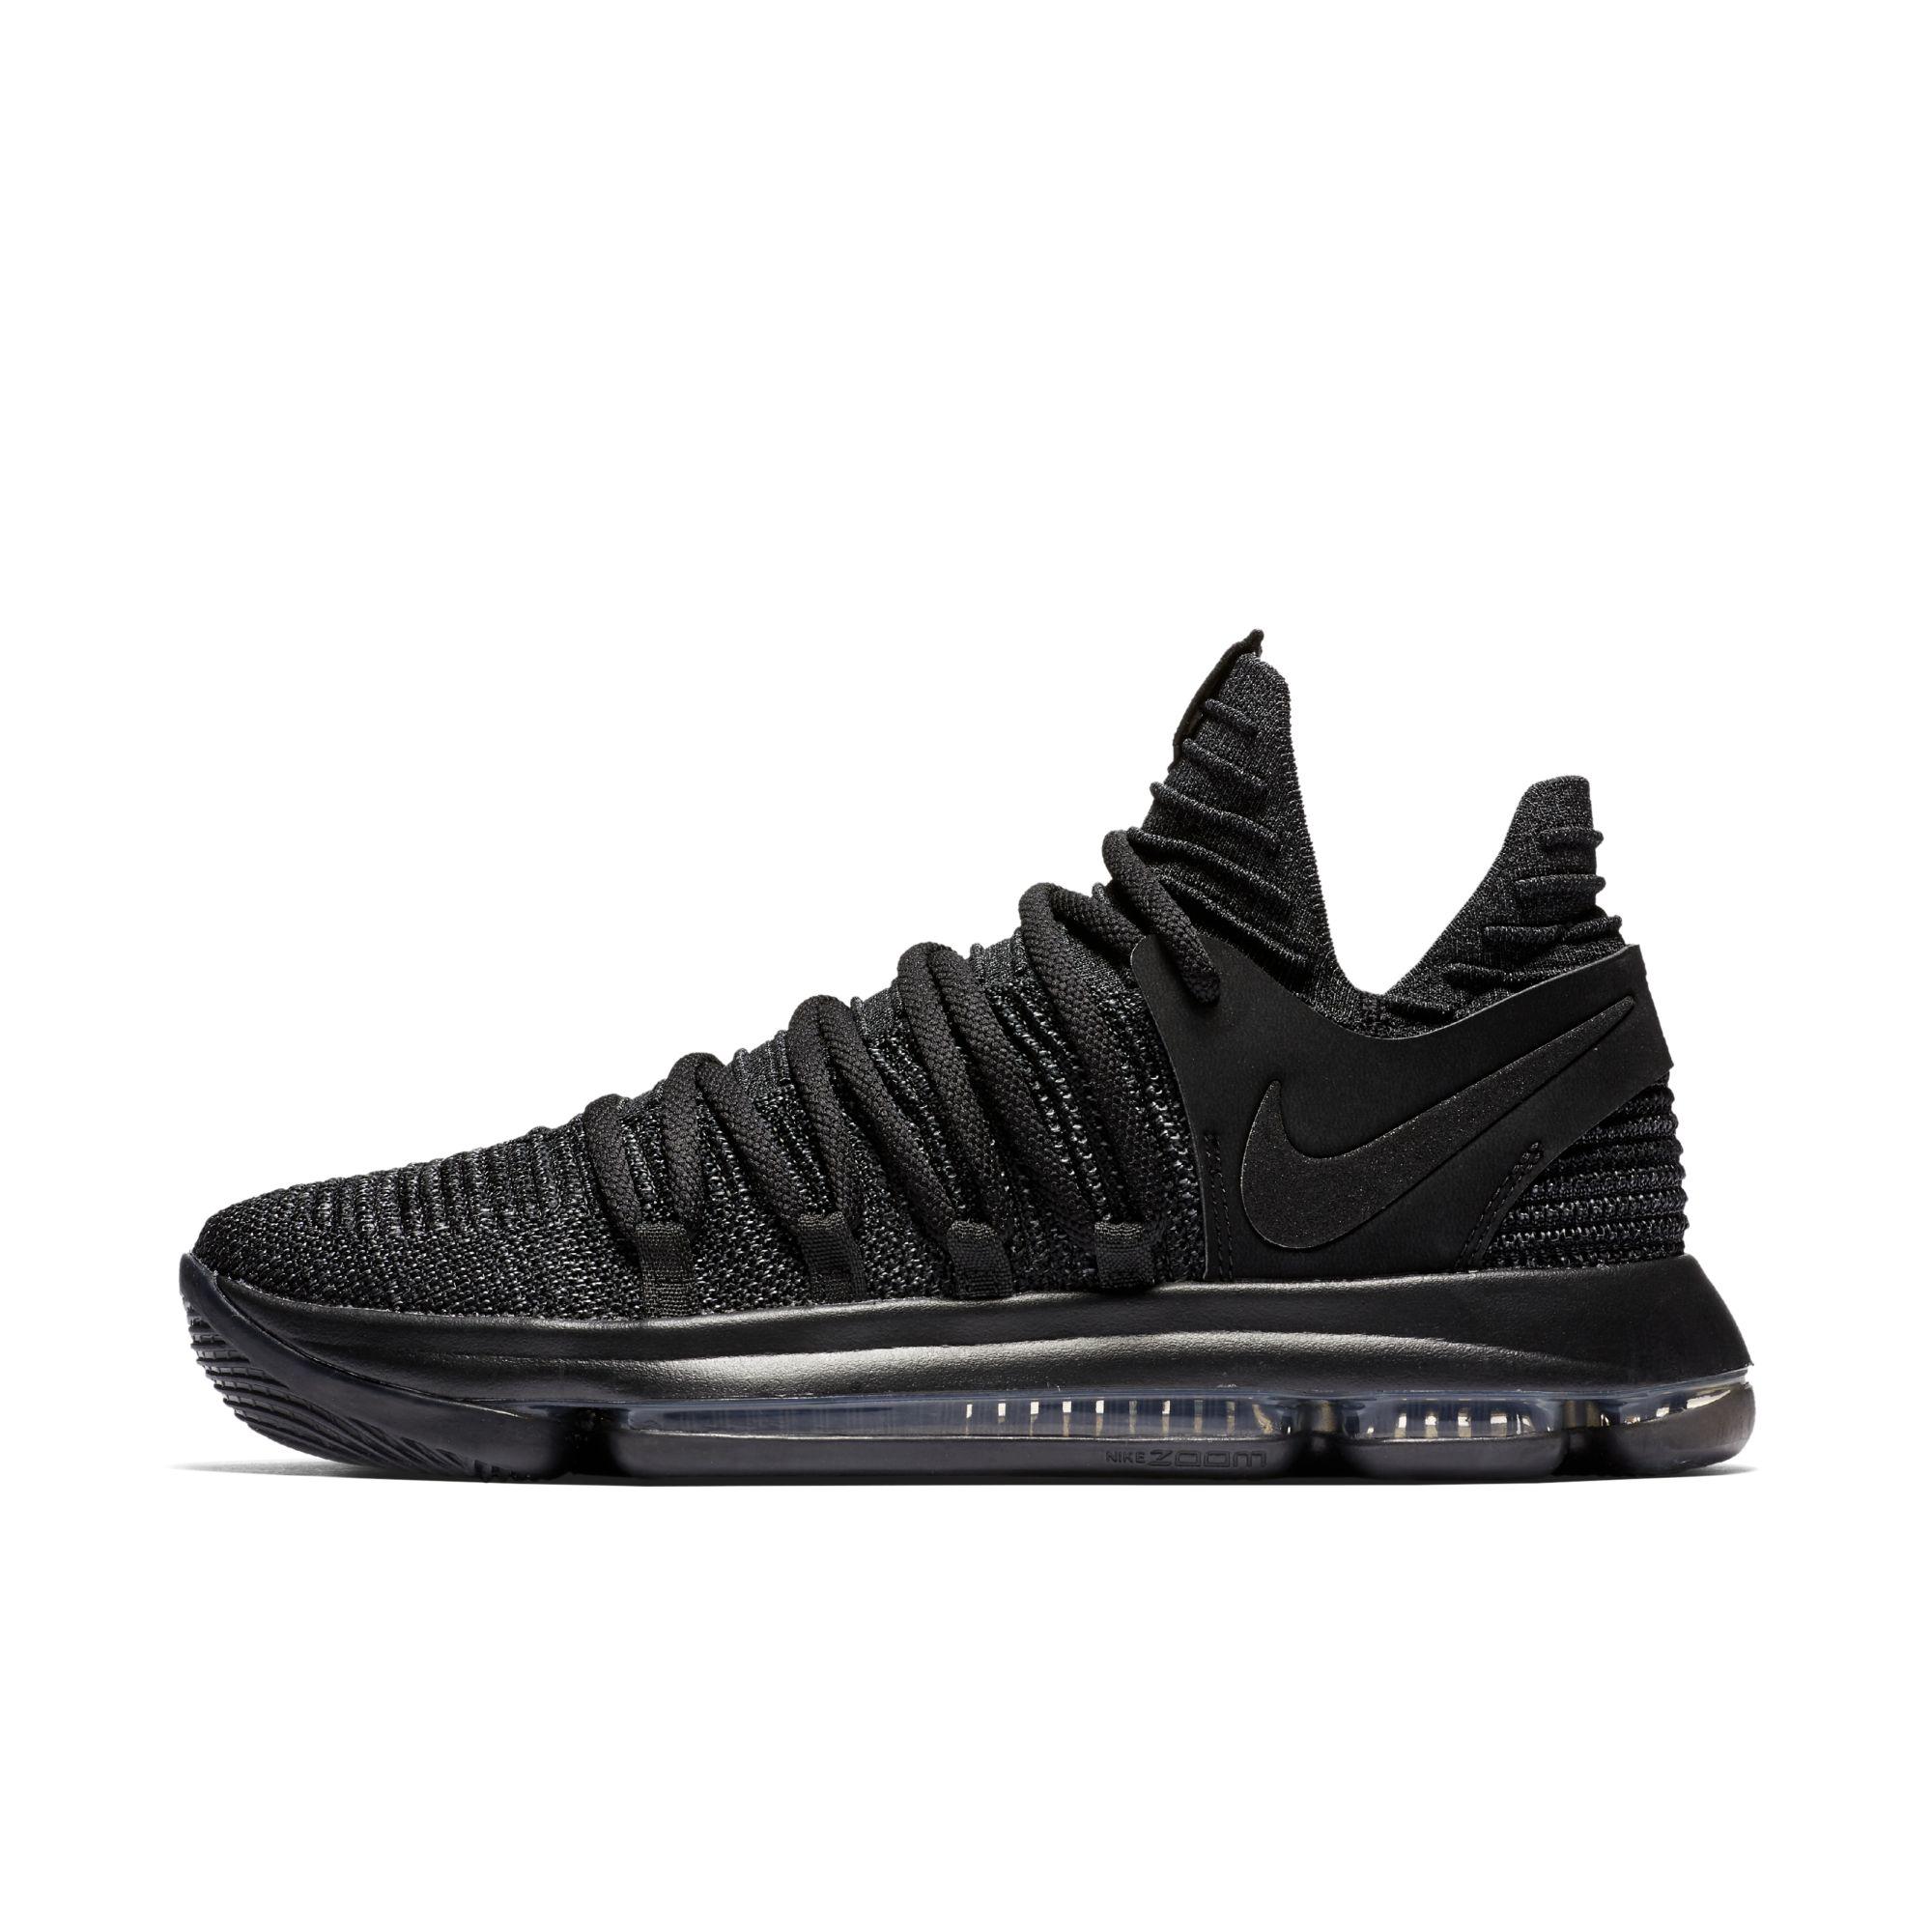 hot sales c5ff4 aebb1 Kicks On Court   Nike ...